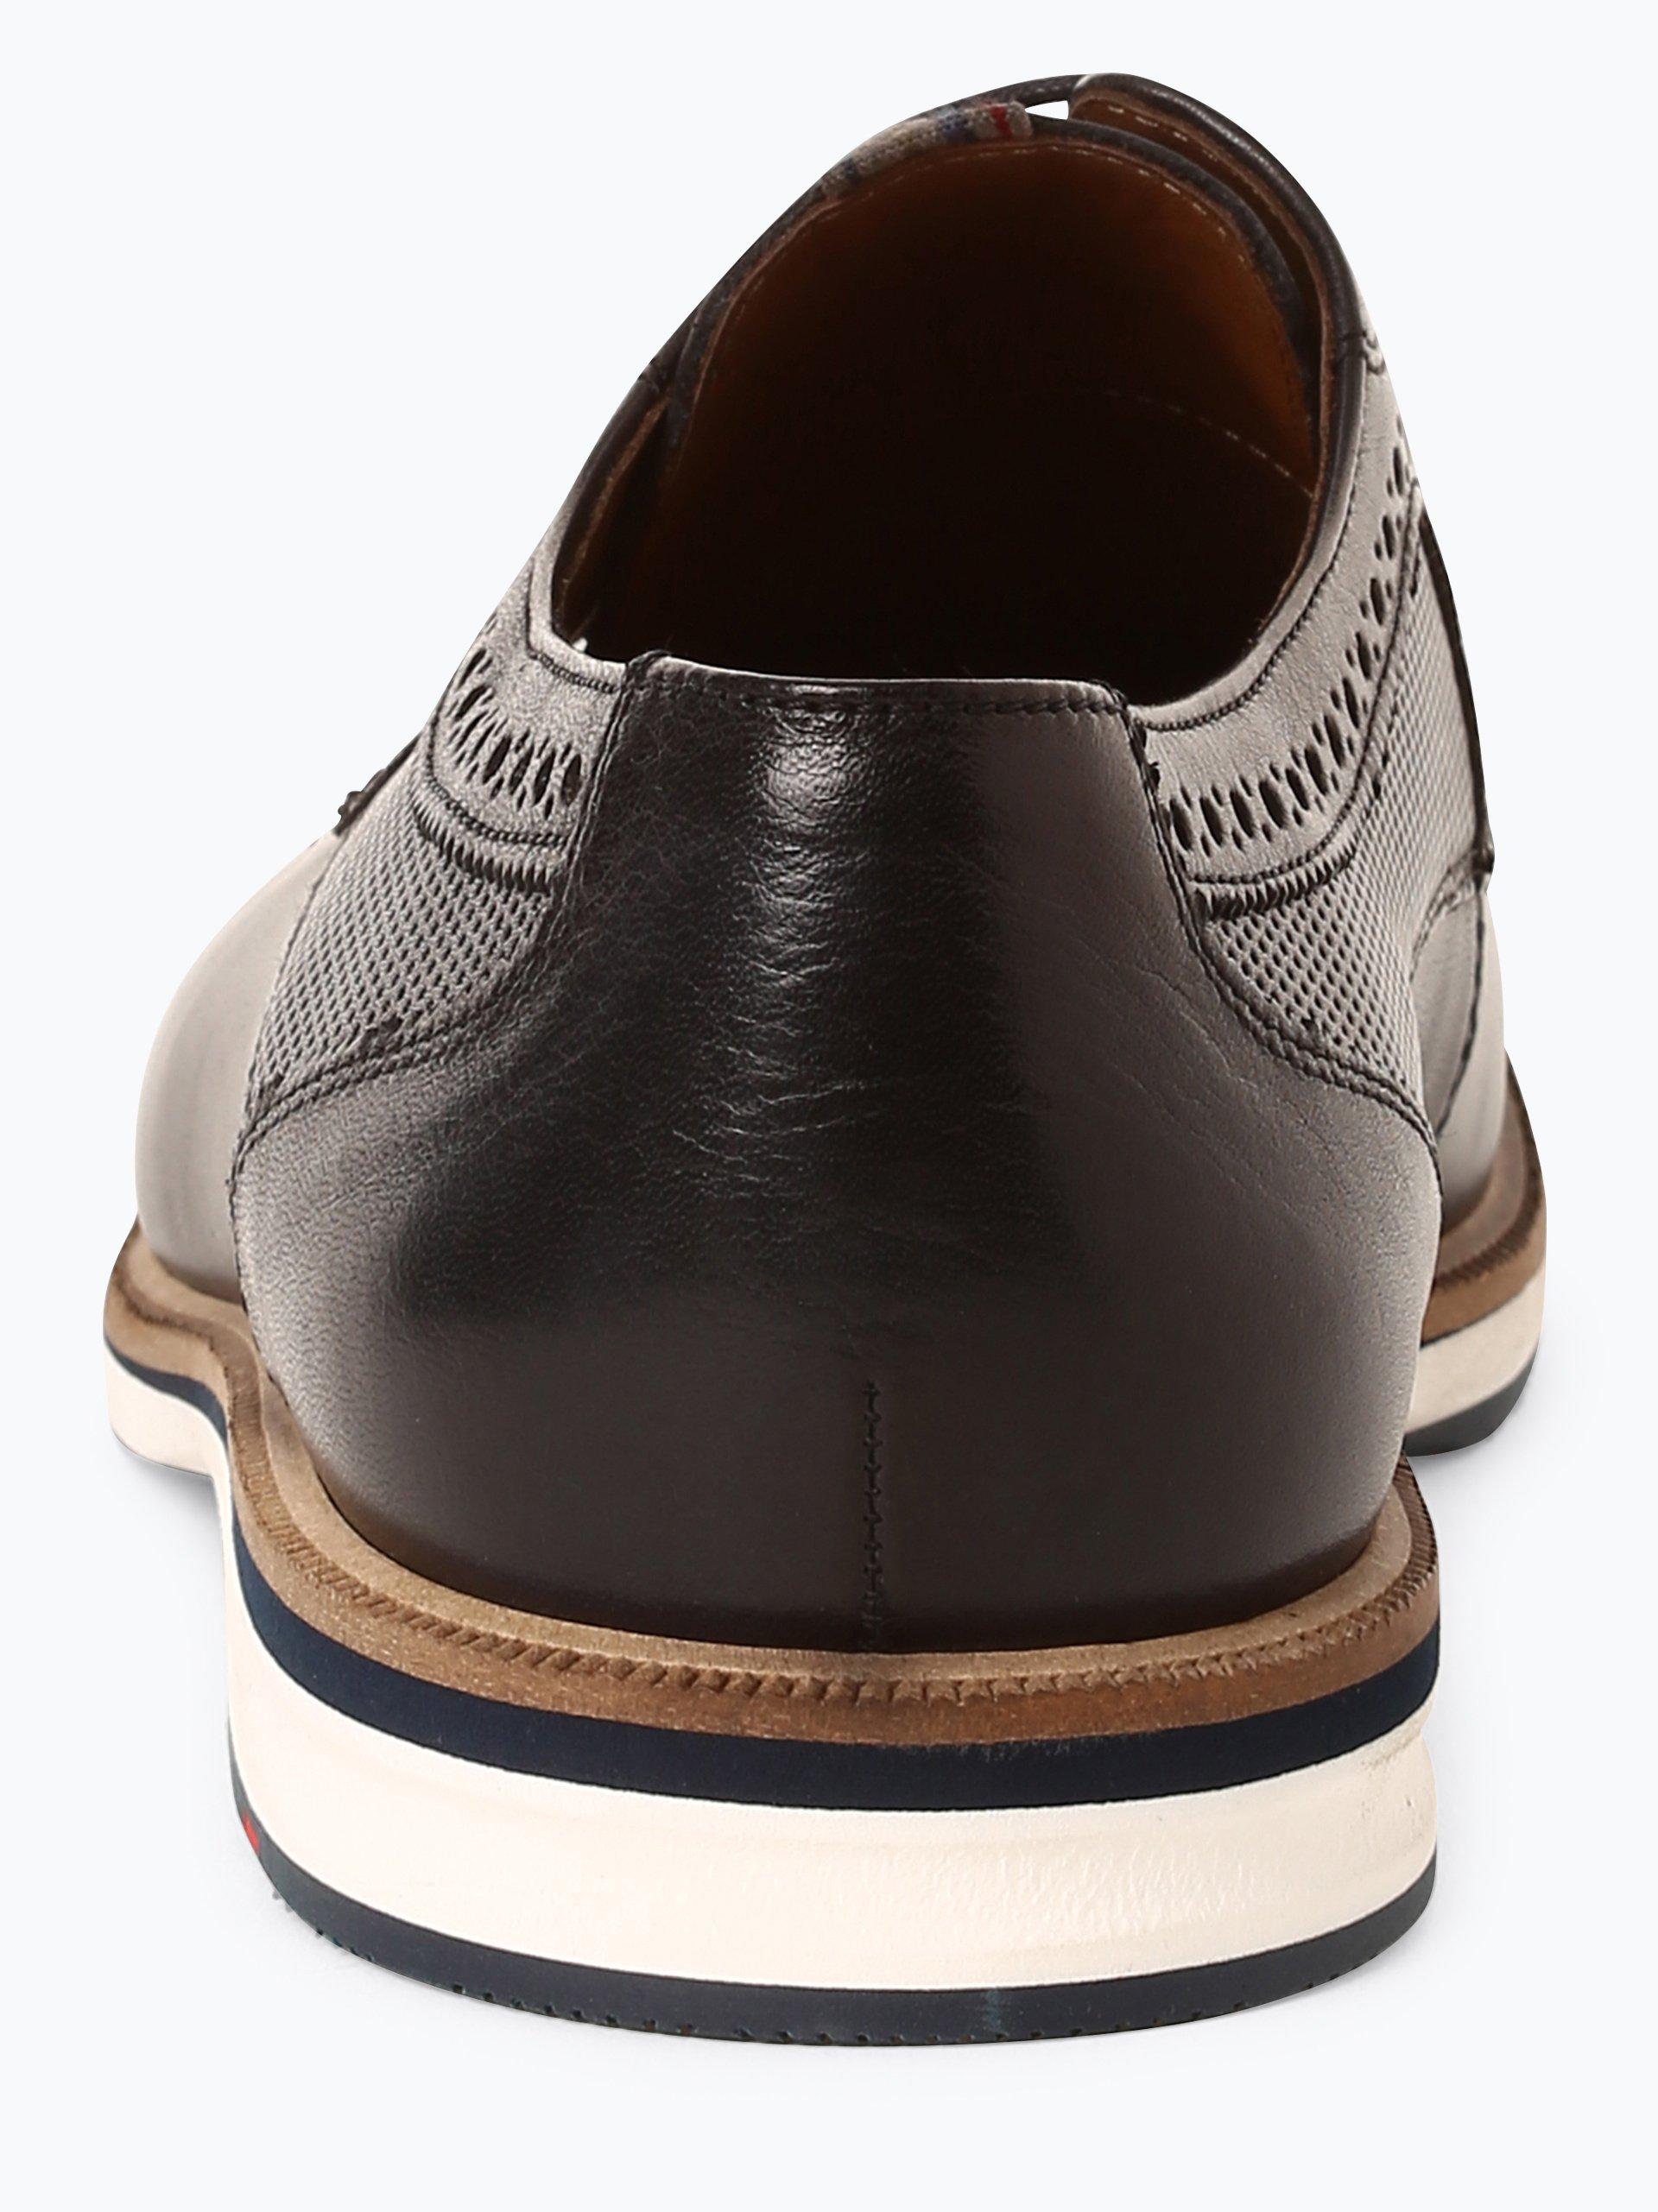 Lloyd Męskie buty sznurowane ze skóry – Jerry